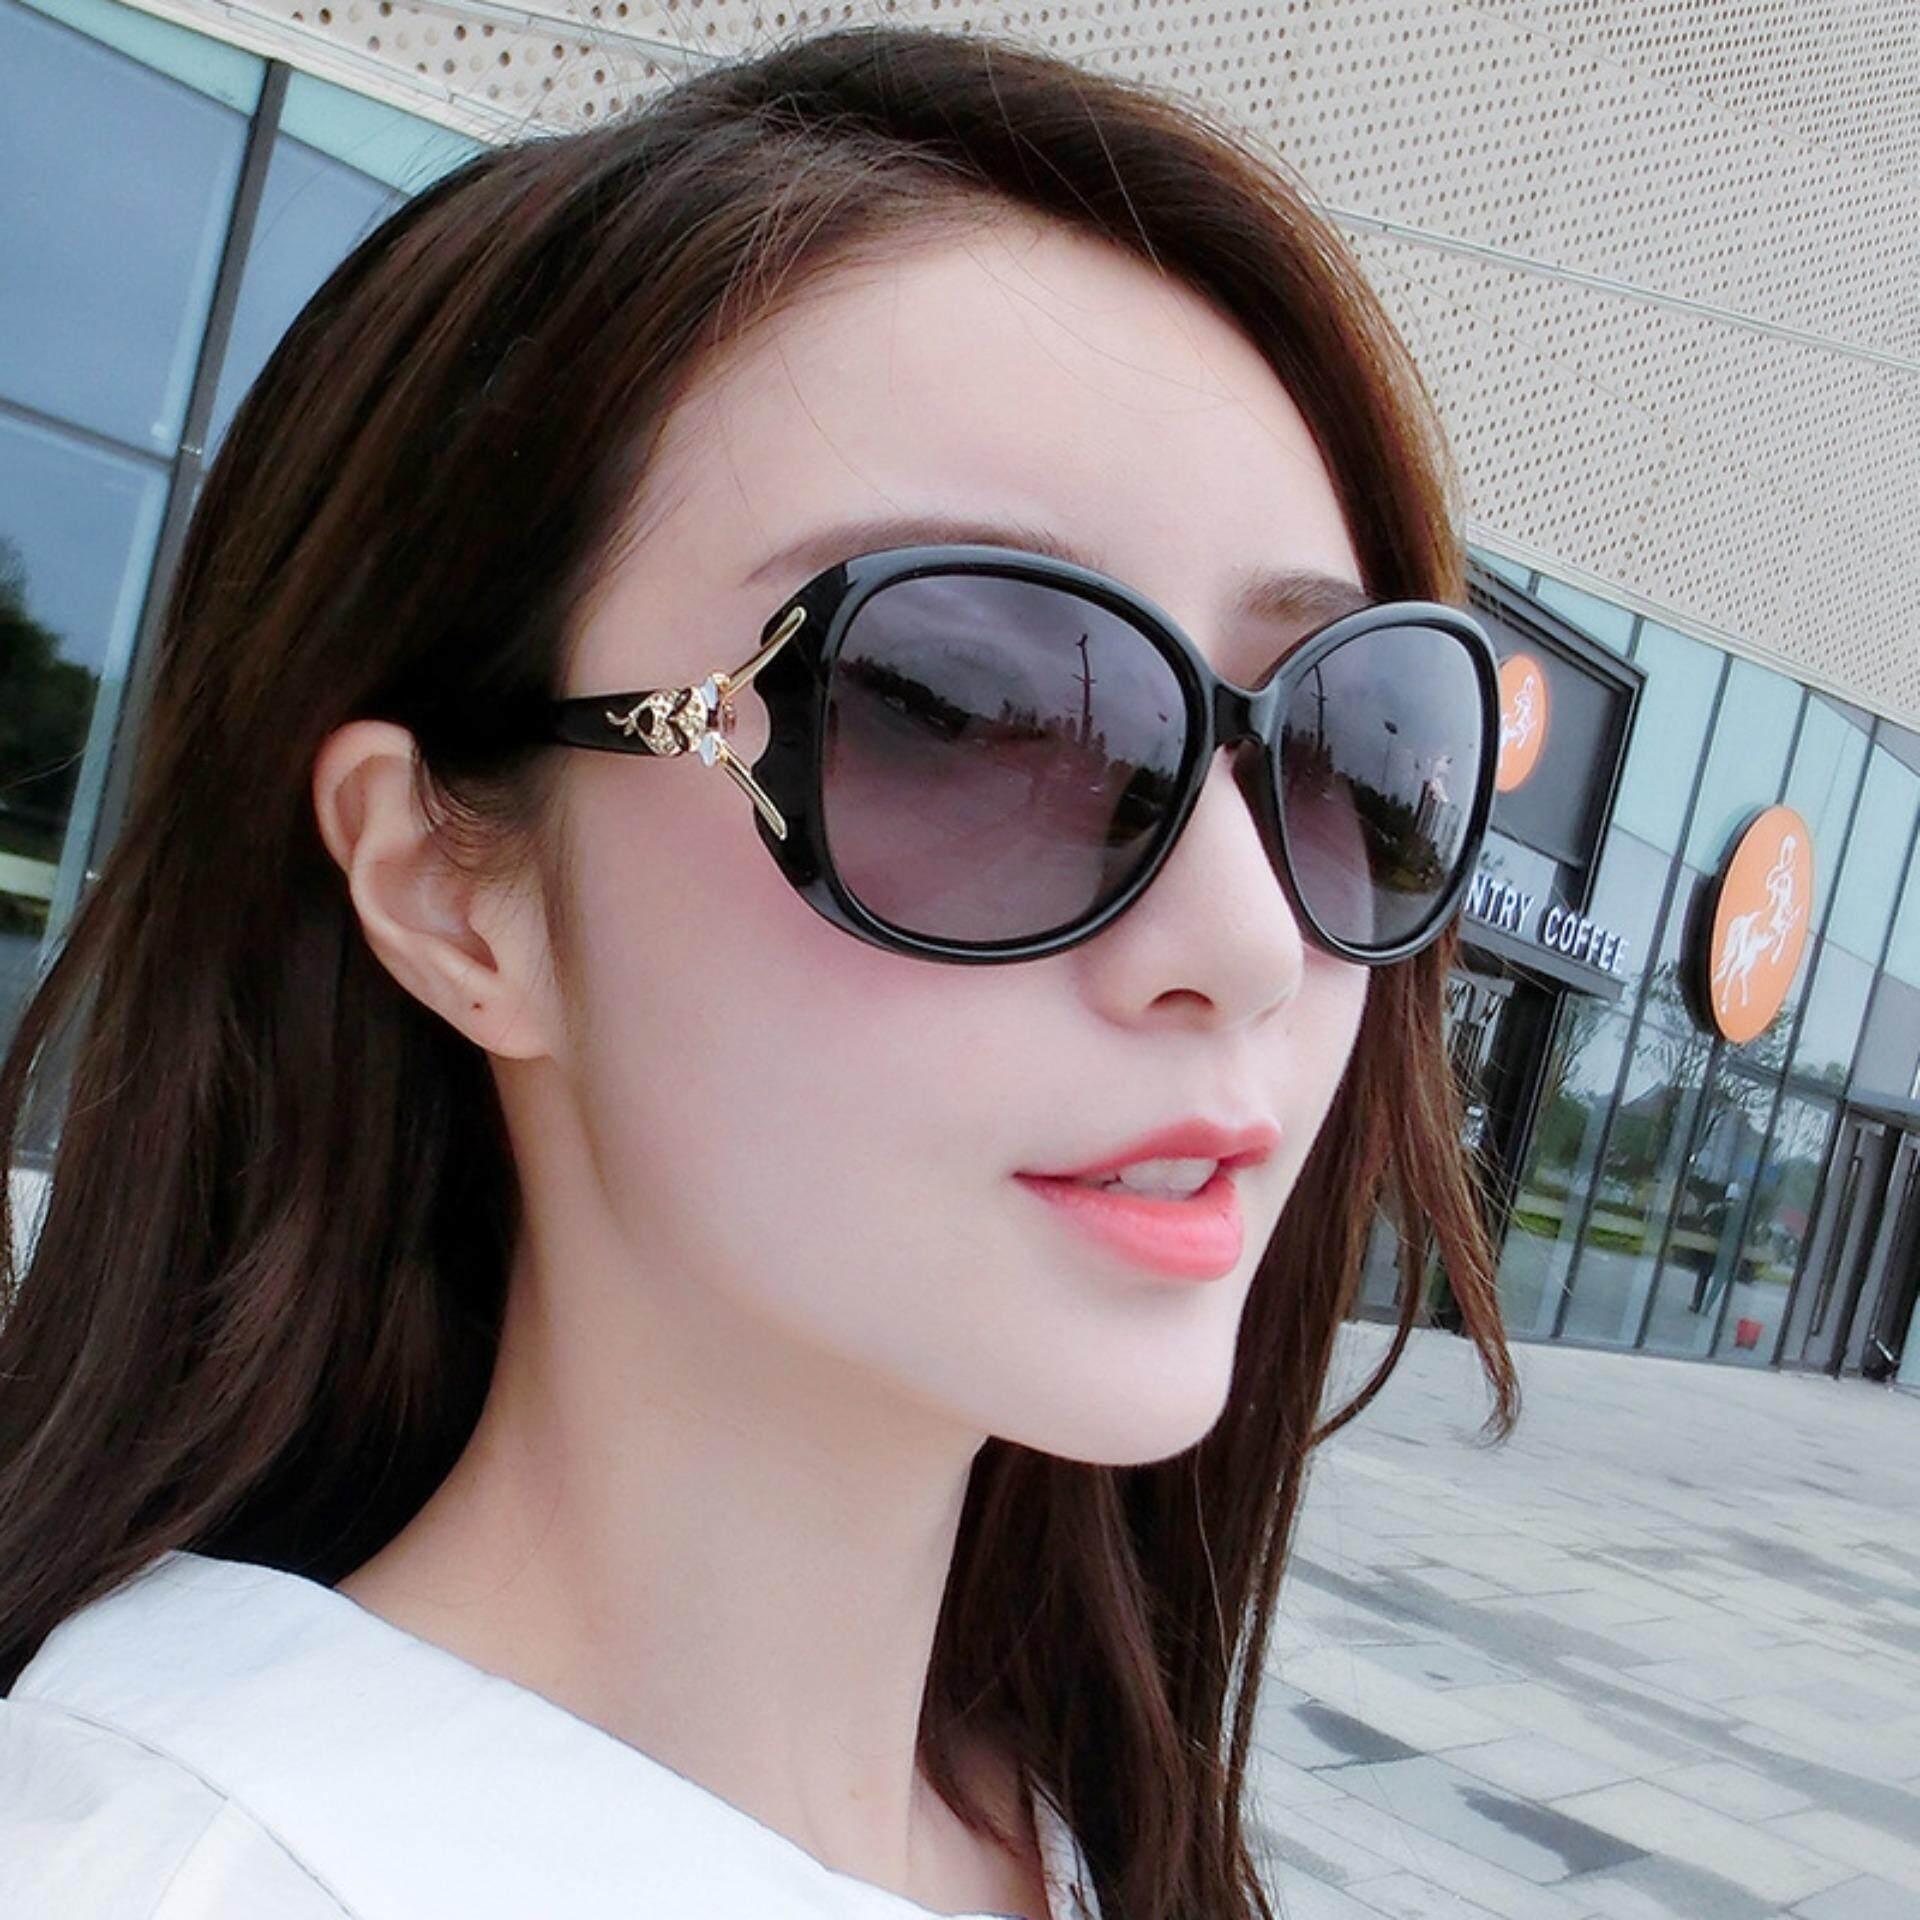 (ฟรี!!! กล่องใส่แว่น) แว่นตาแฟชั่นผู้หญิง แว่นตาแฟชั่นสวยๆ สไตล์เกาหลี หัวจิ้งจอก นำเข้า Black.